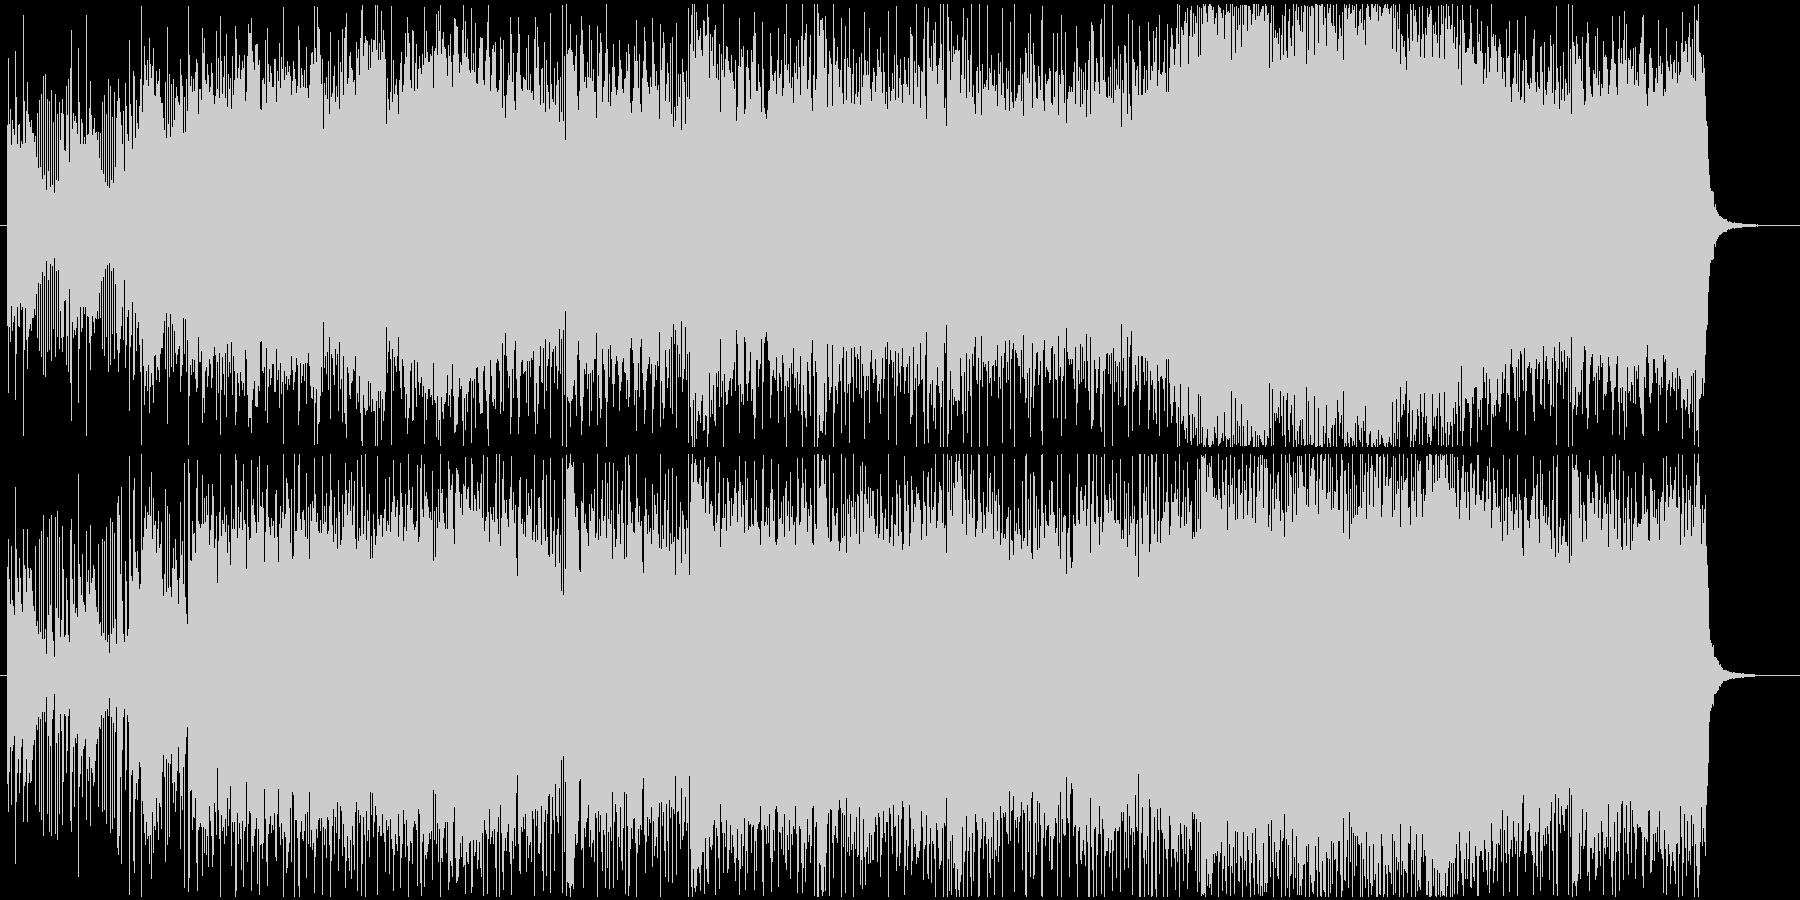 動画やラジオなどの挿入歌としても利用可能の未再生の波形